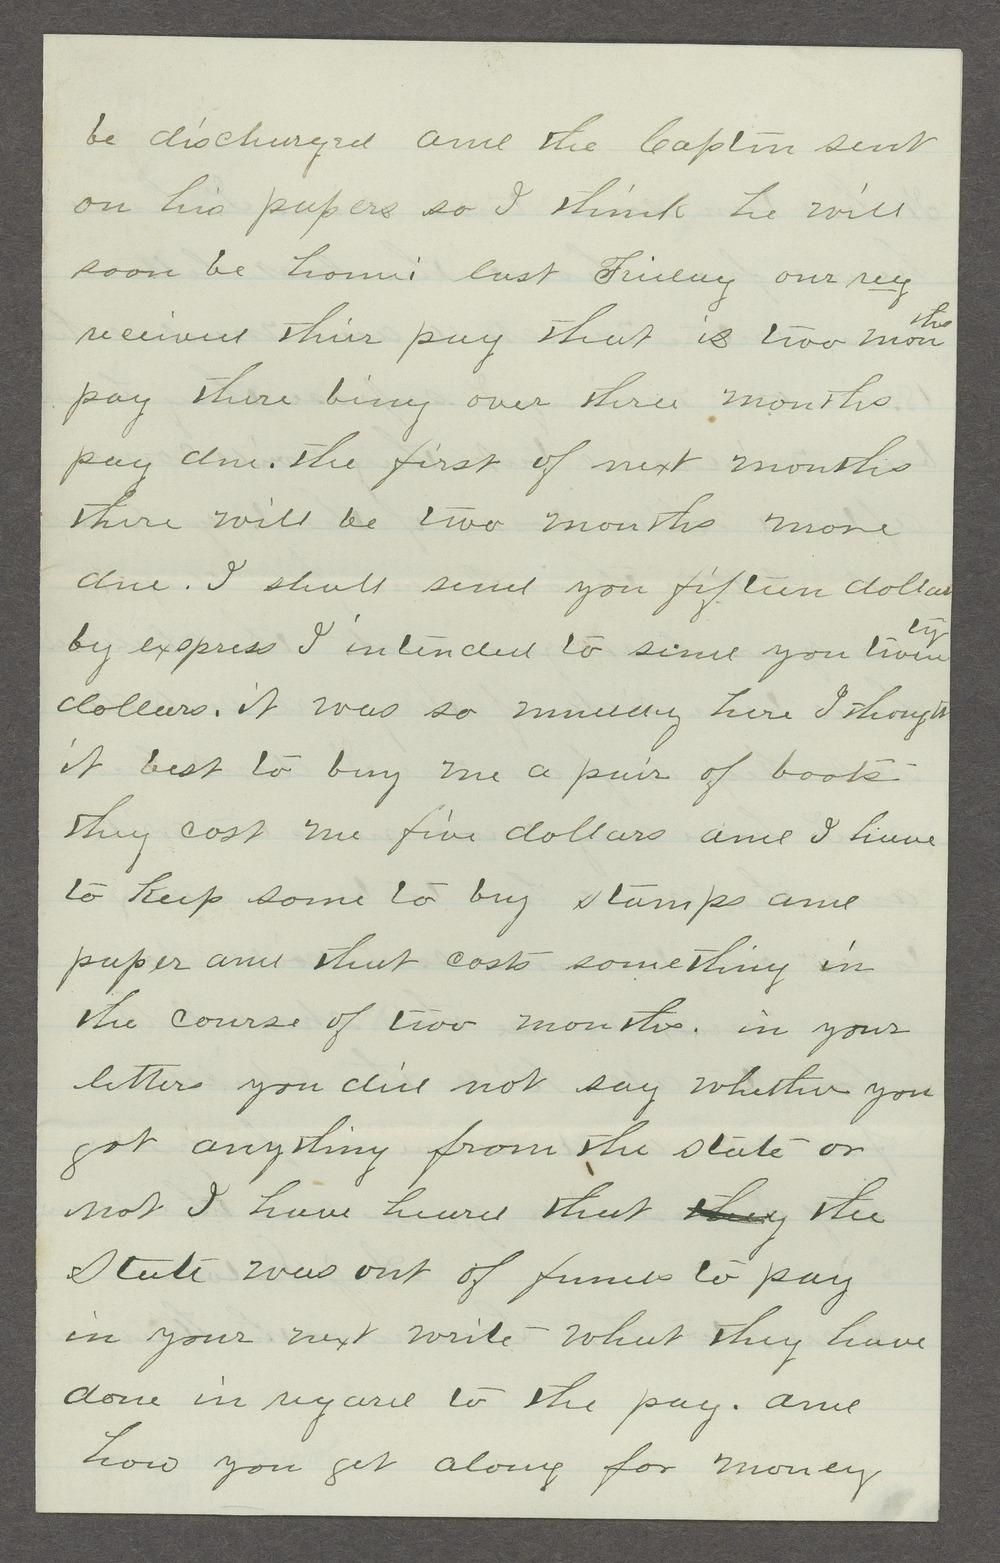 Aiken J. Sexton correspondence - 11